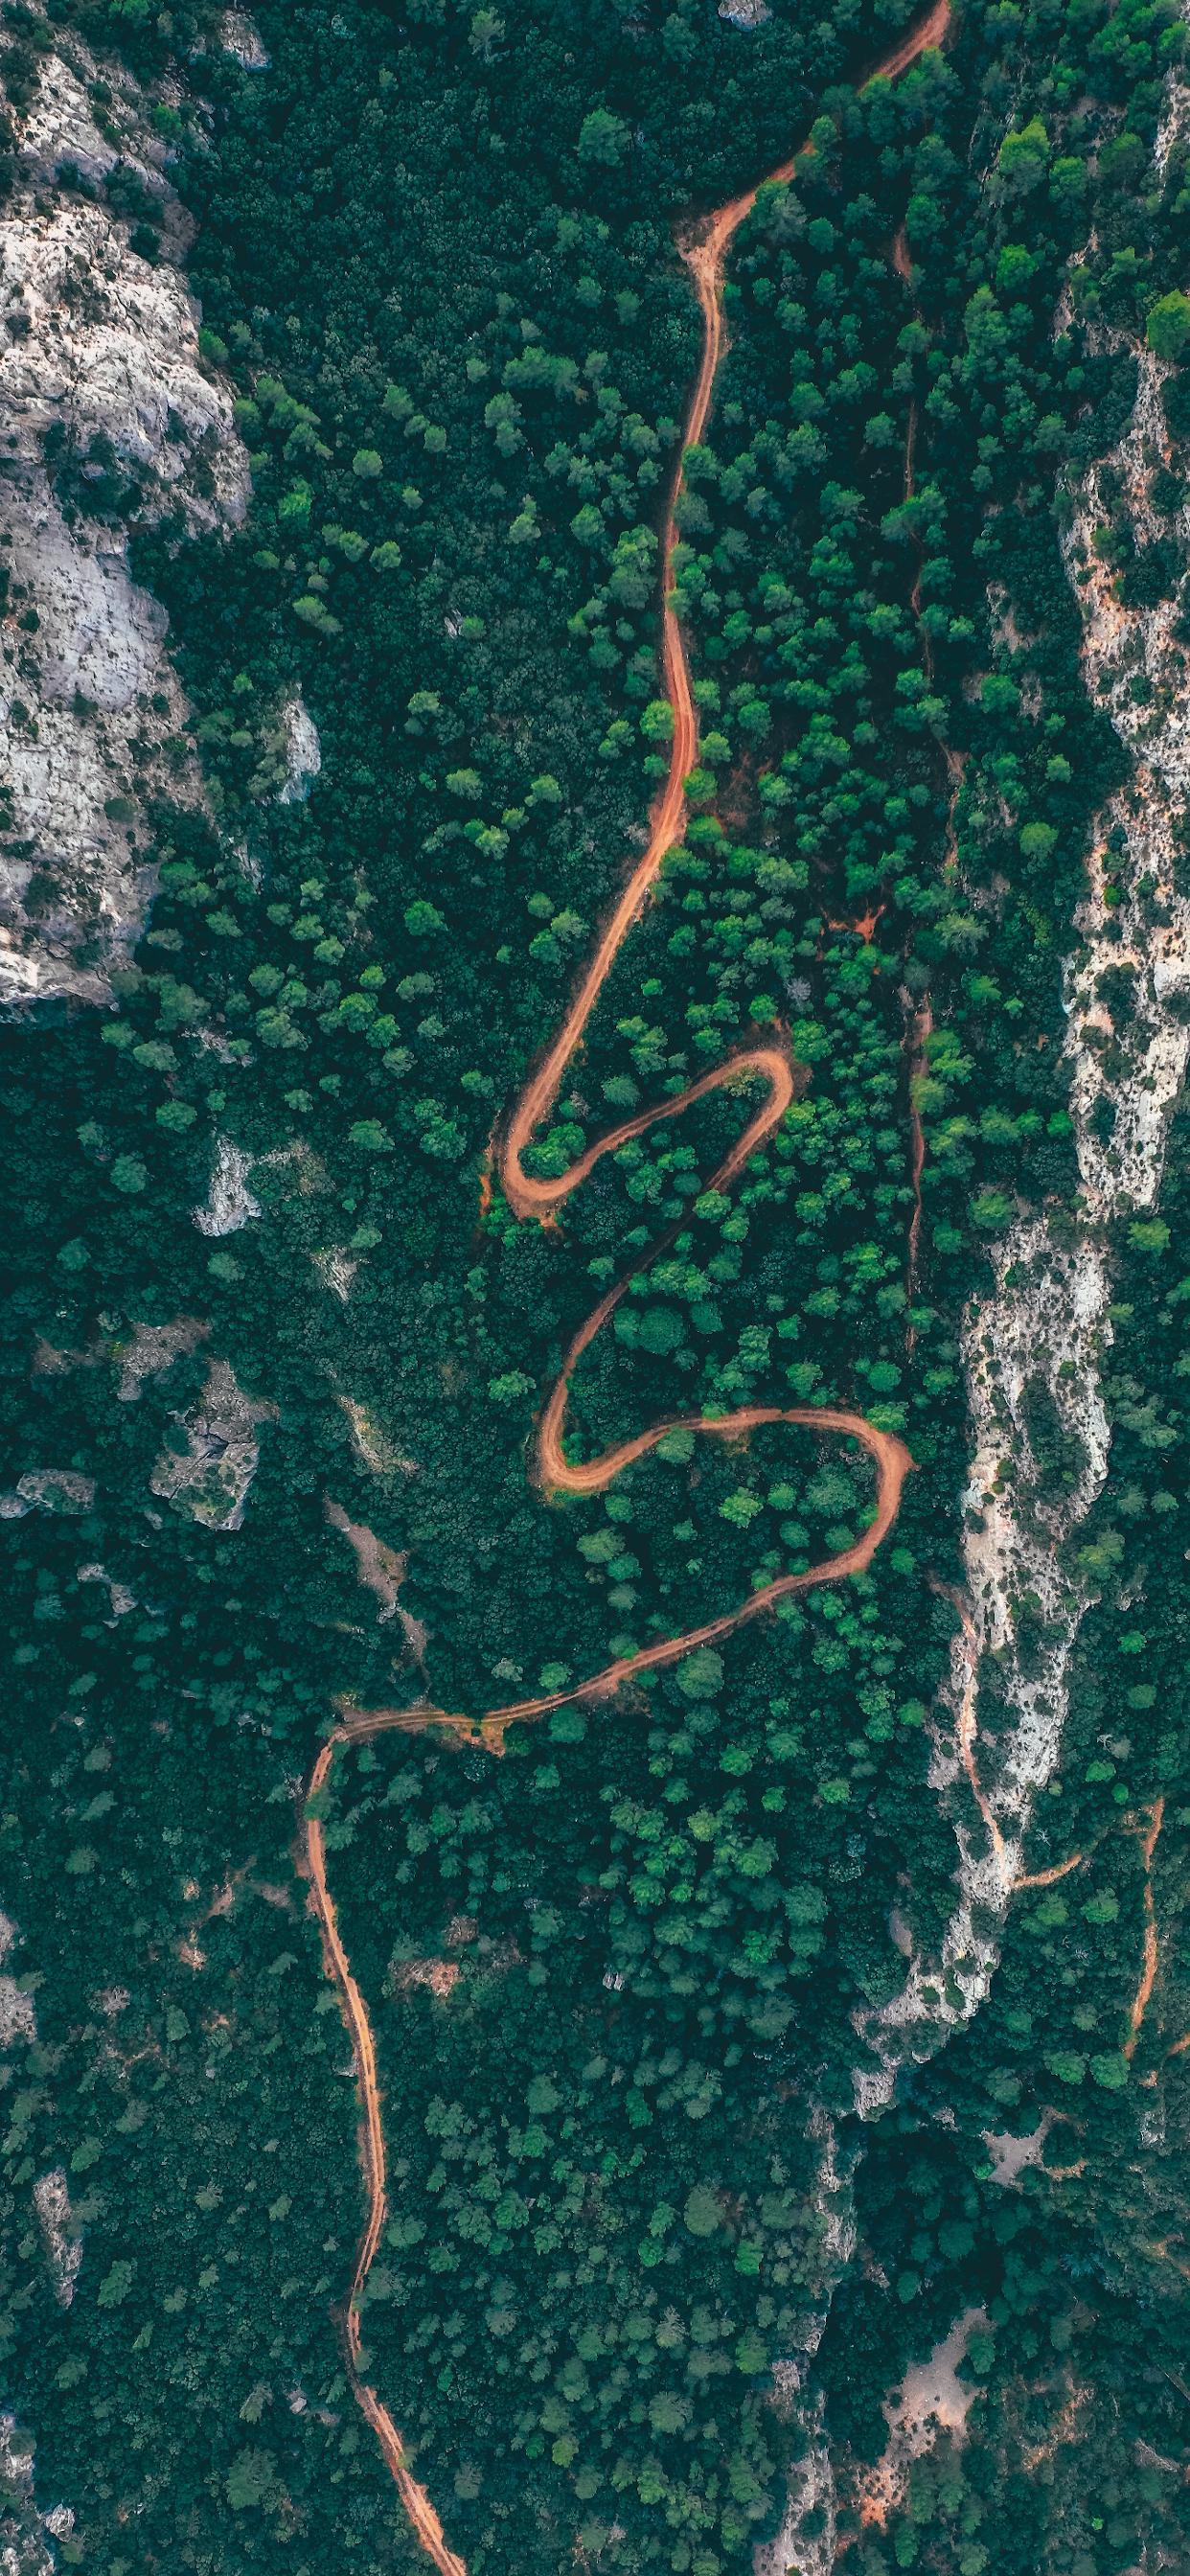 iPhone wallpapers aerial image horta de sant joan Aerial image